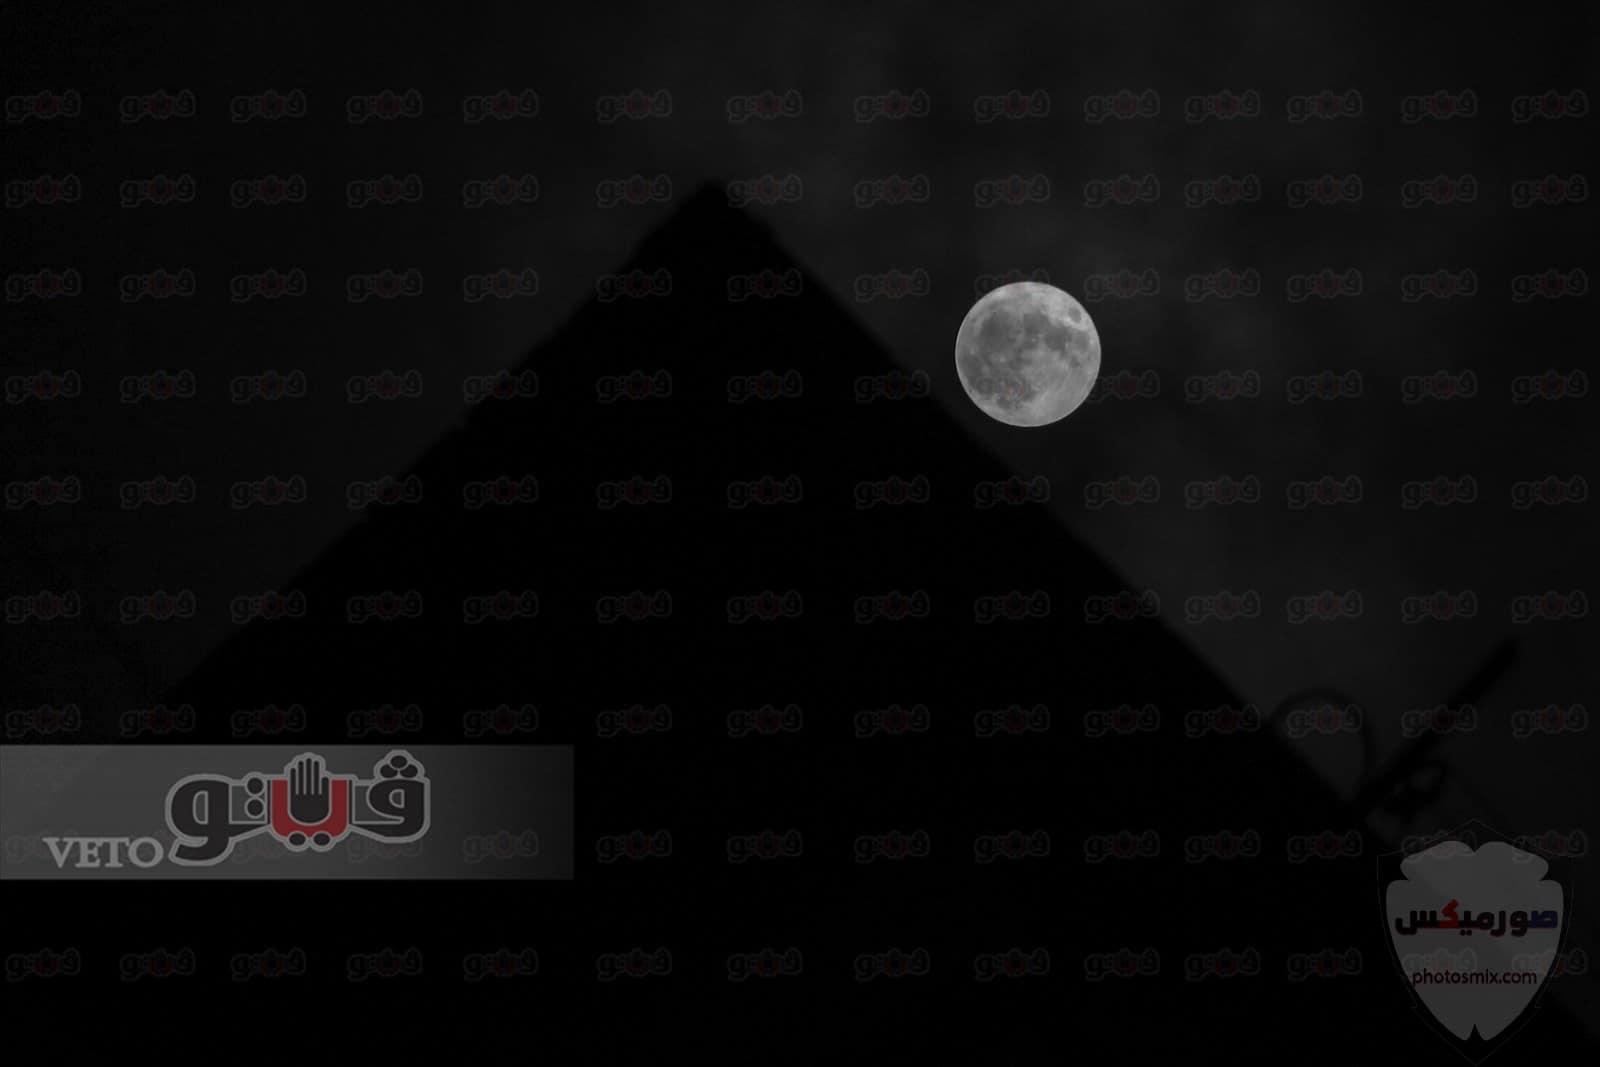 اجمل خلفيات و صور للقمر moon 2020 10